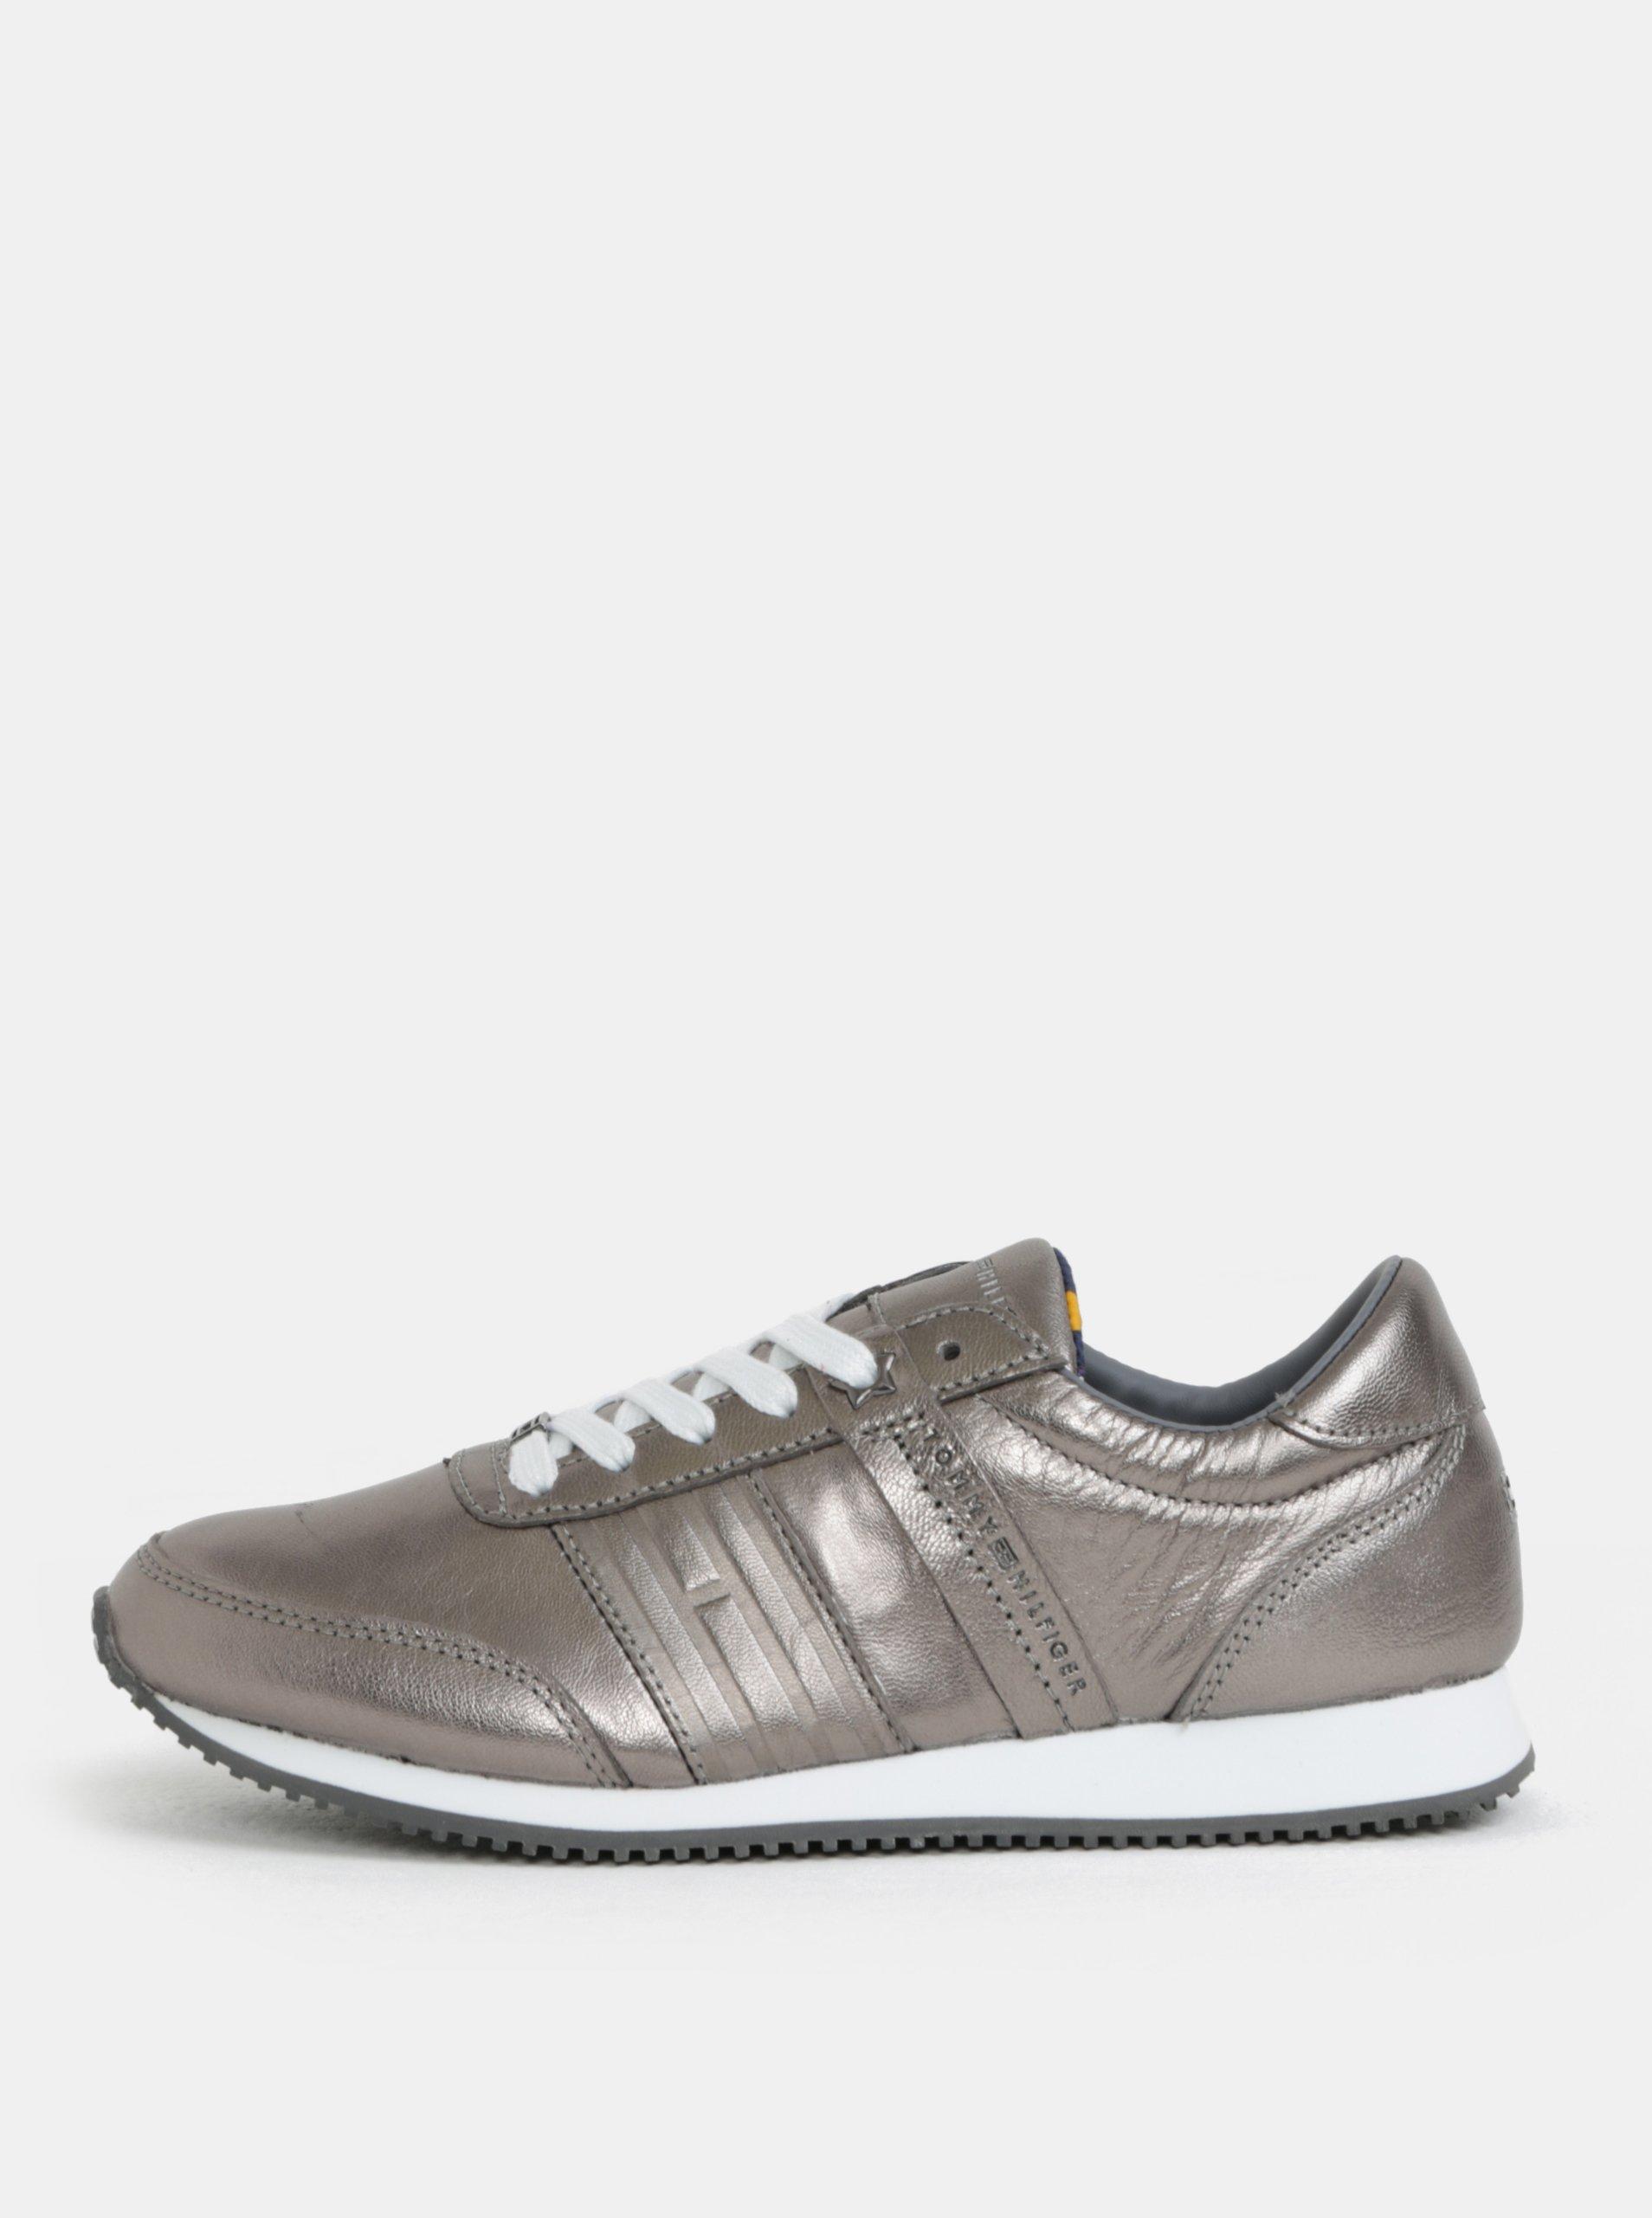 Dámské kožené tenisky ve stříbrné barvě Tommy Hilfiger 39d3638c7a